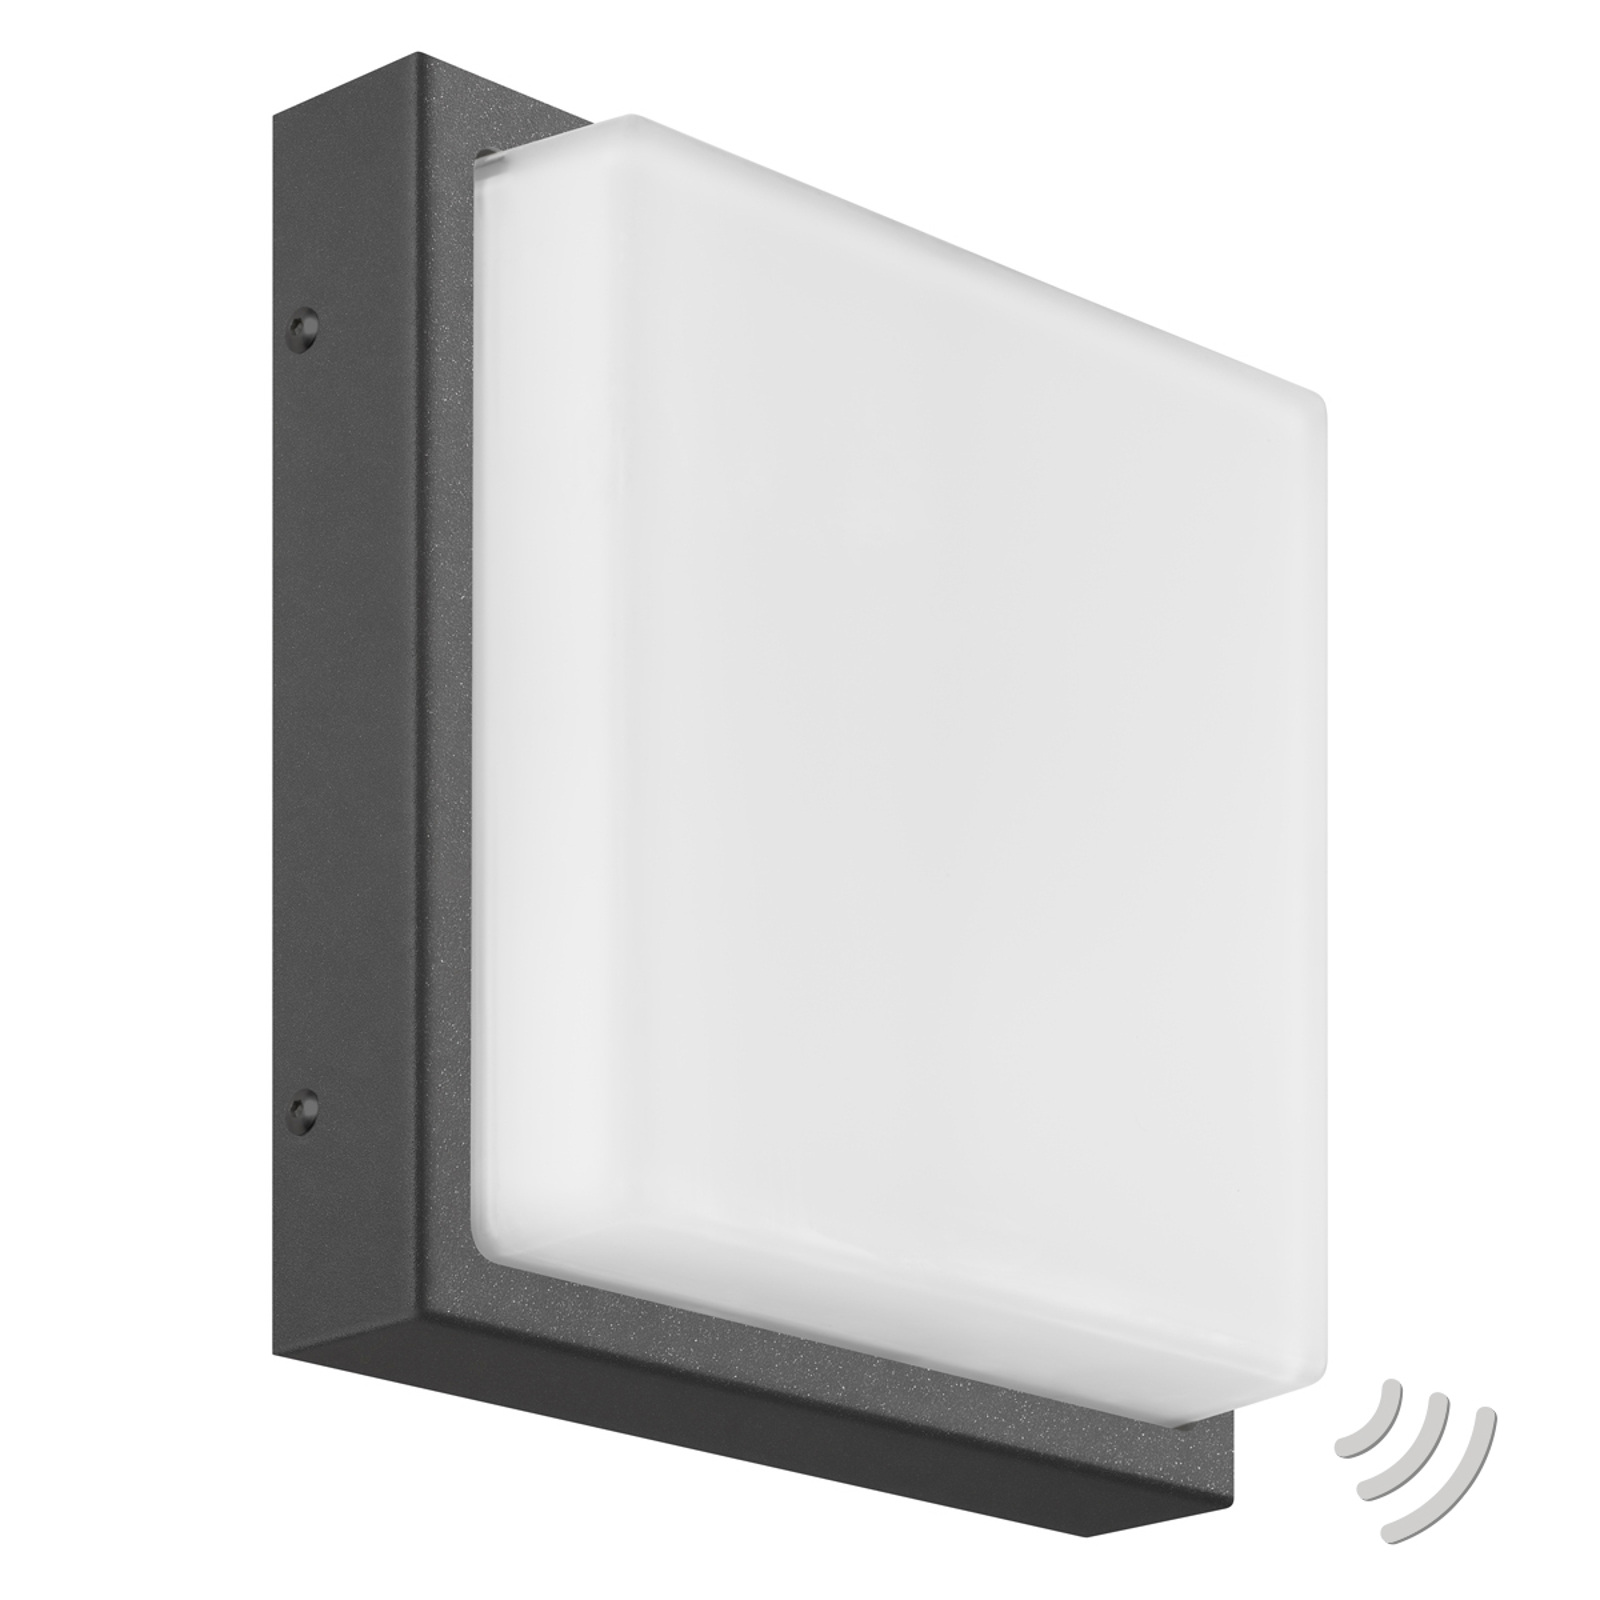 Ernest kantet utendørs LED-vegglampe i grafitt